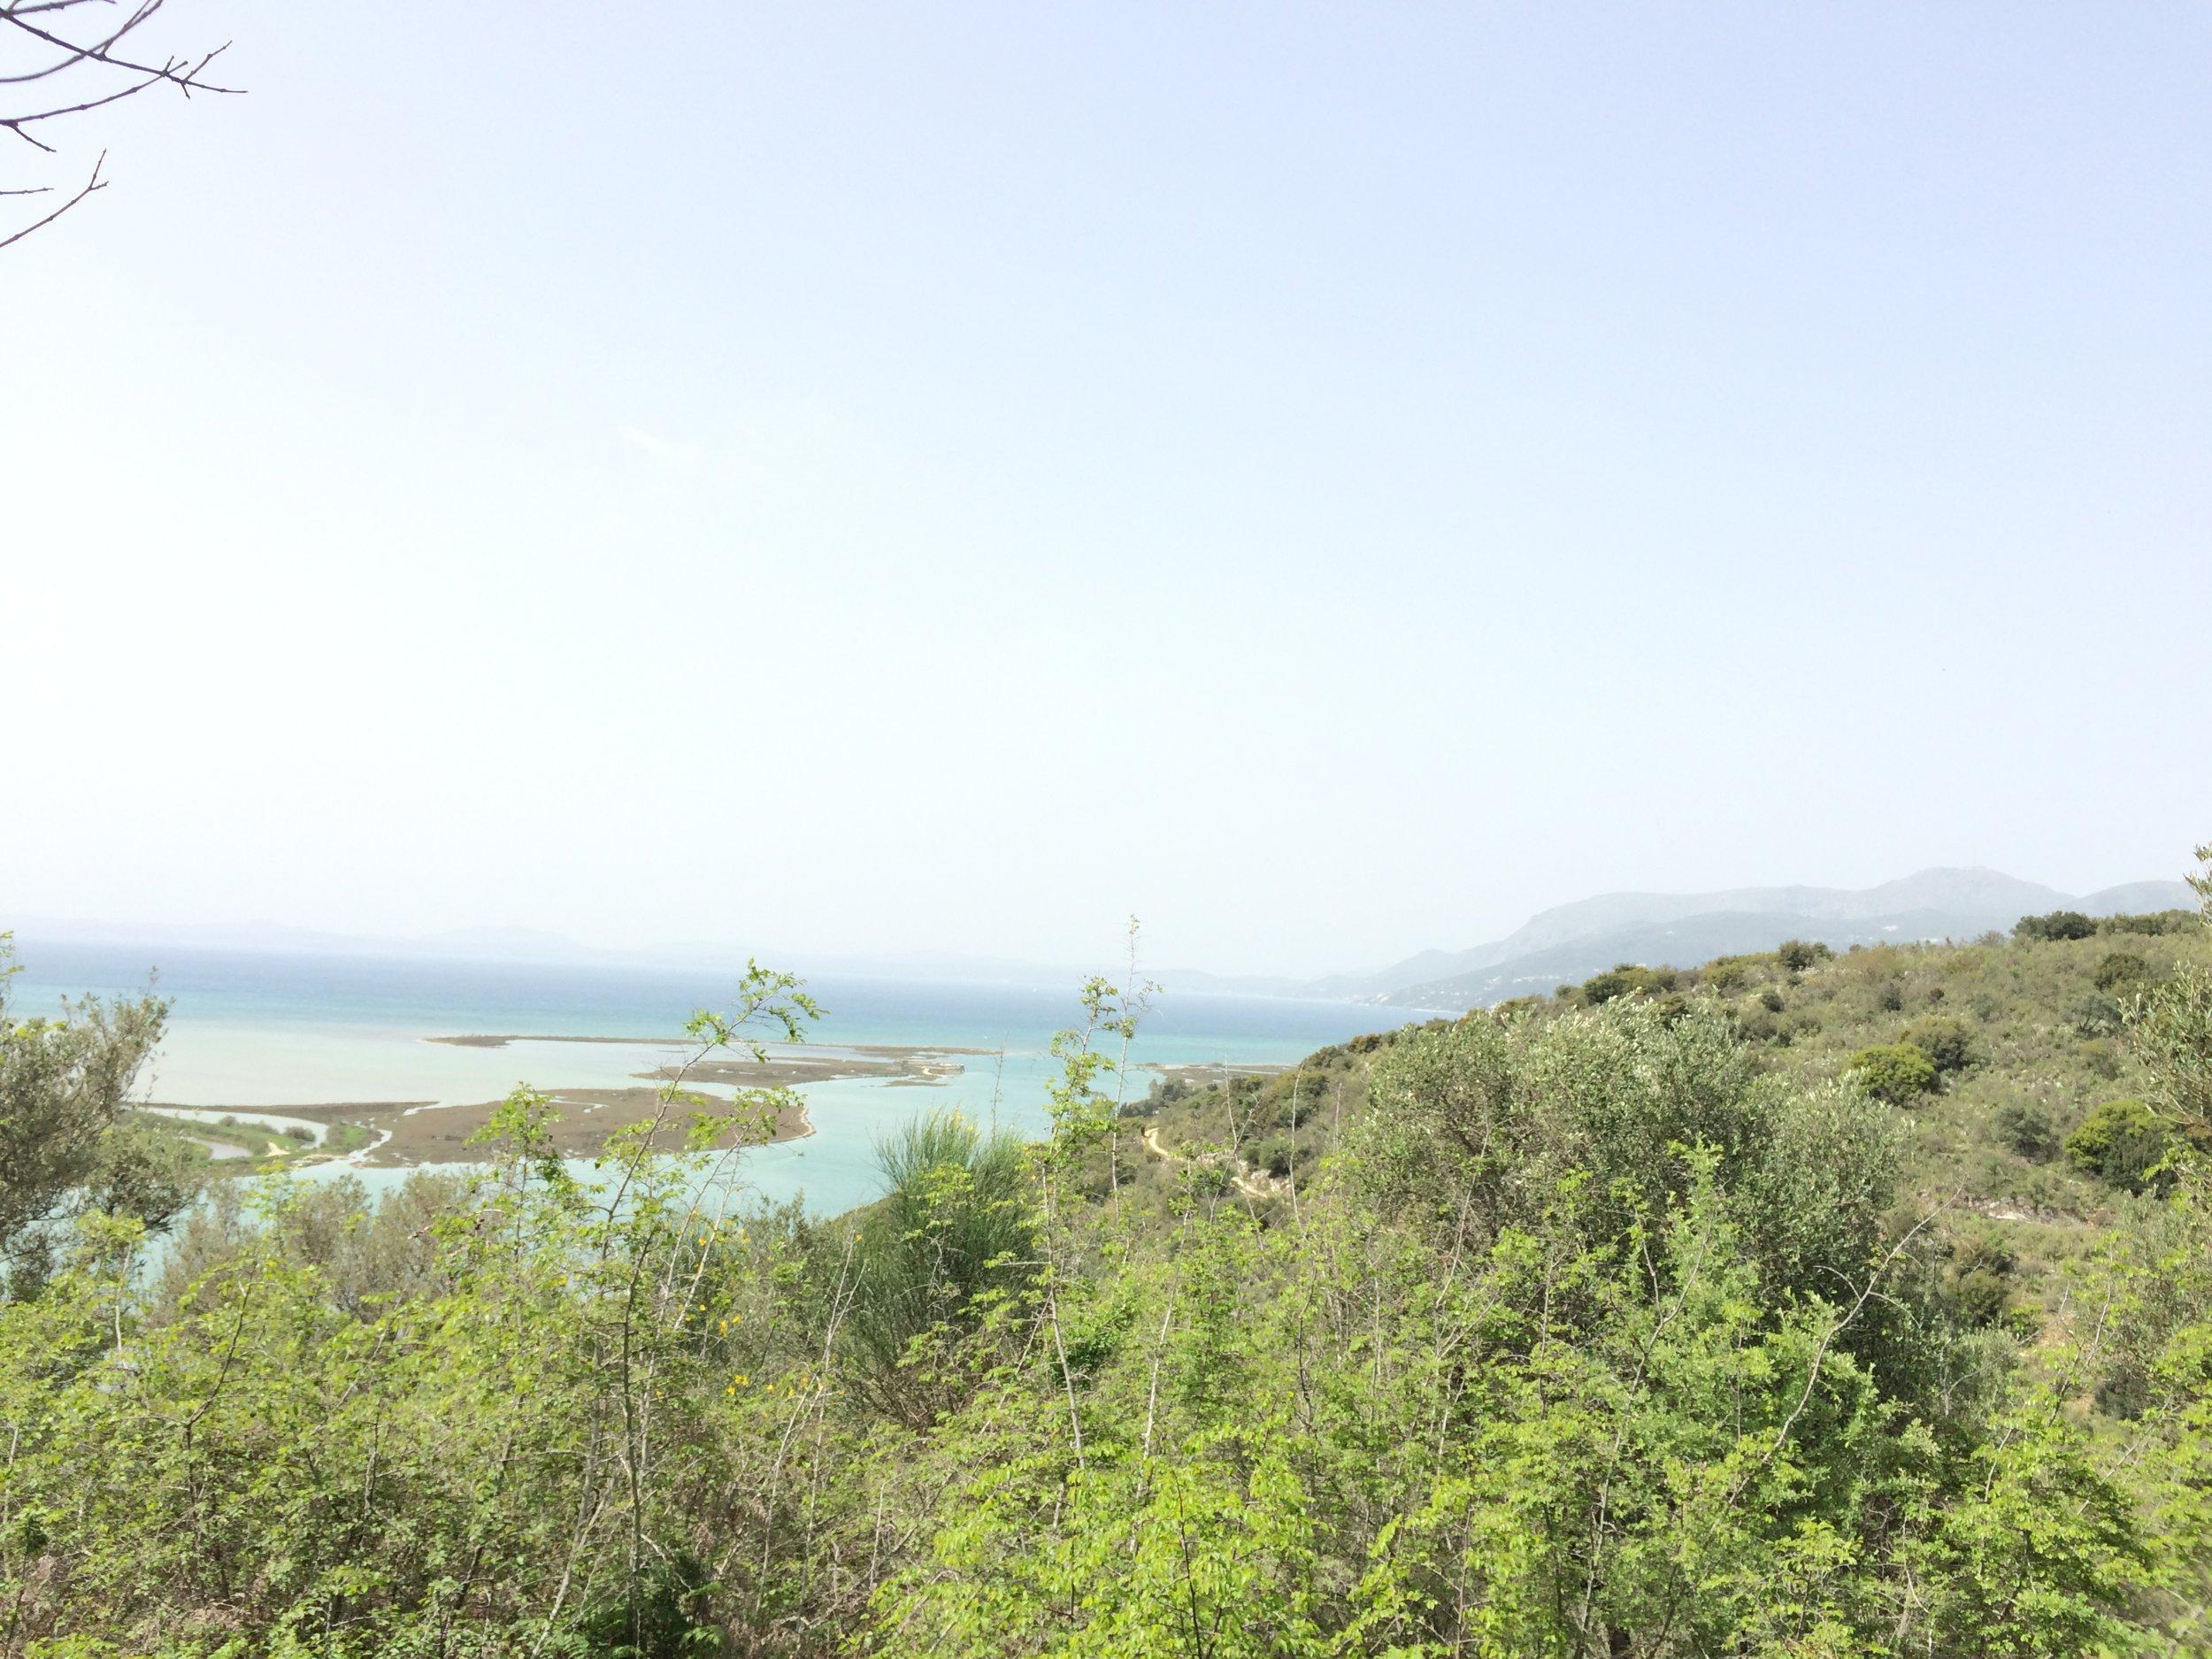 Upeat maisemat ennen Butrintia. Tämä on Butrintin kansallispuiston aluetta ja takana oikealla ylhäällä näkyy Korfun saari. Kuva: Mirva Rannisto